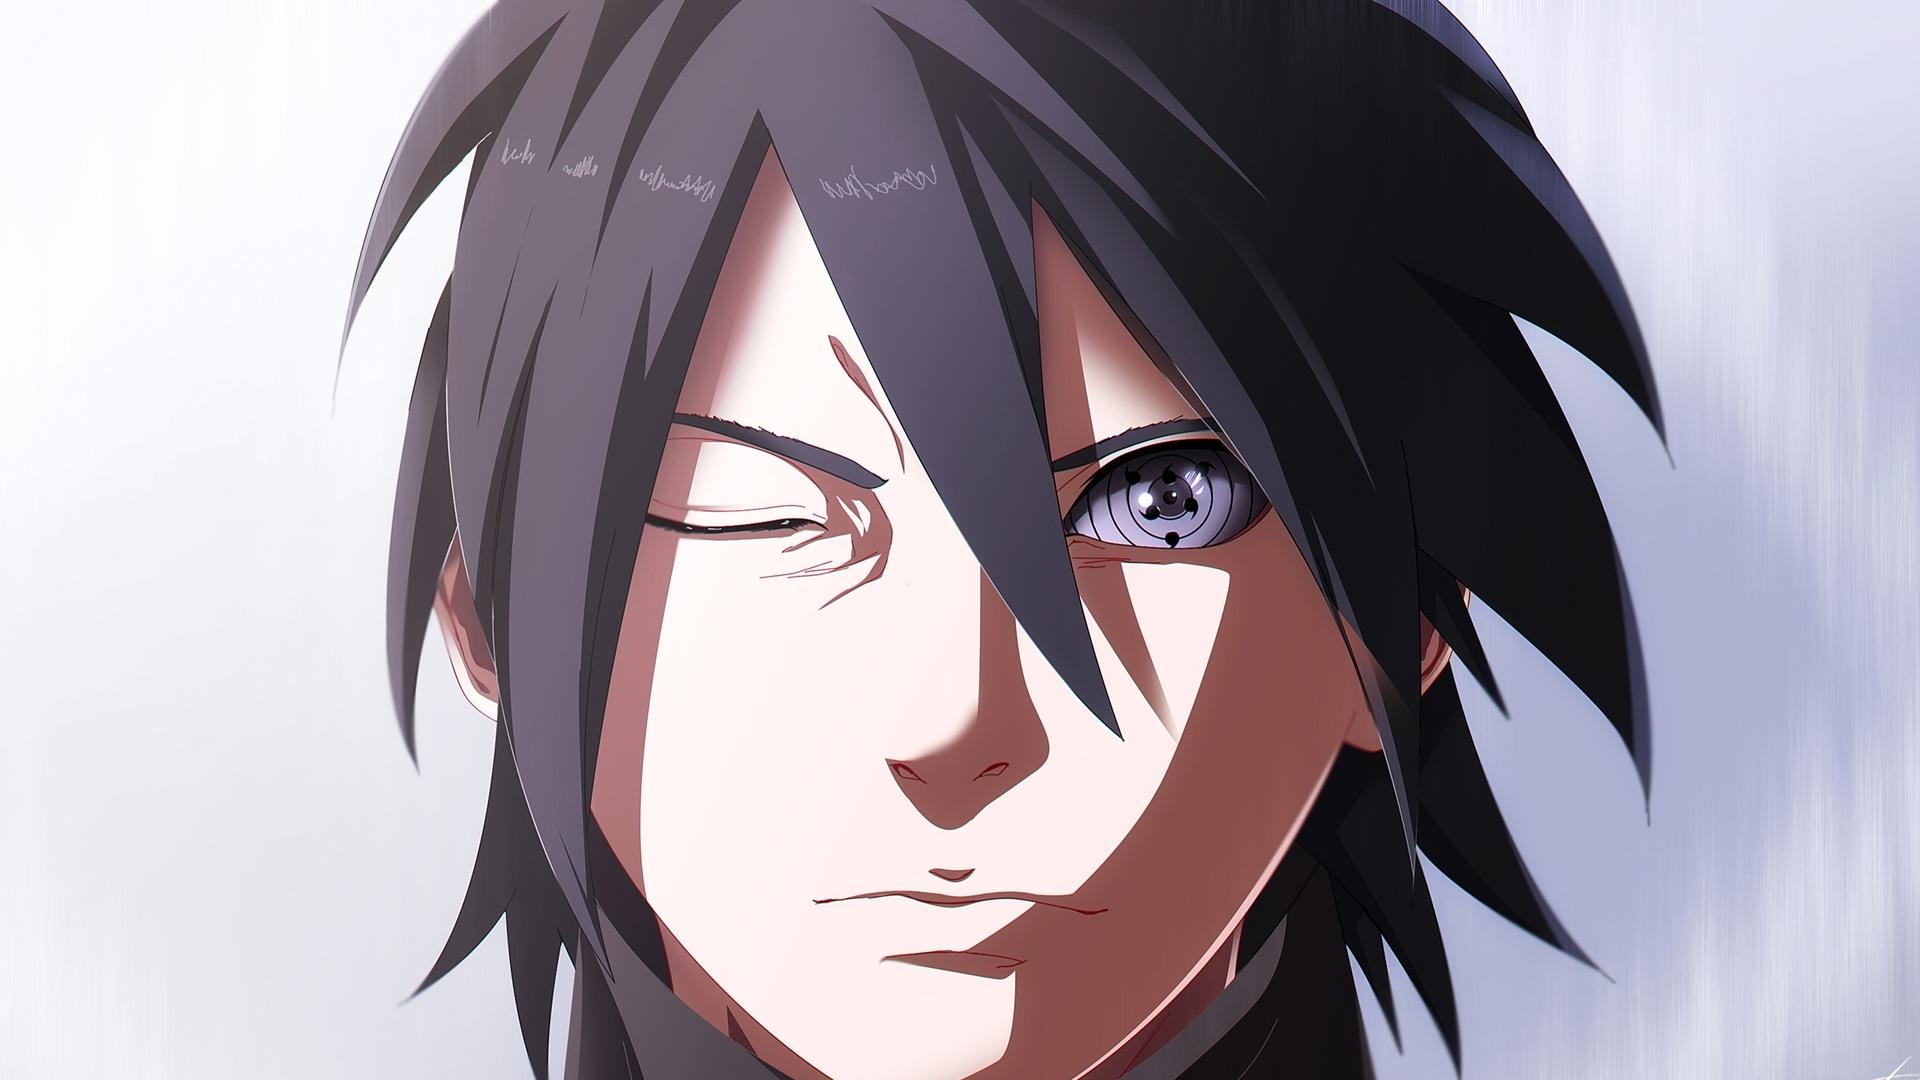 sasuke uchiha rinnegan eyes wallpaper #36427